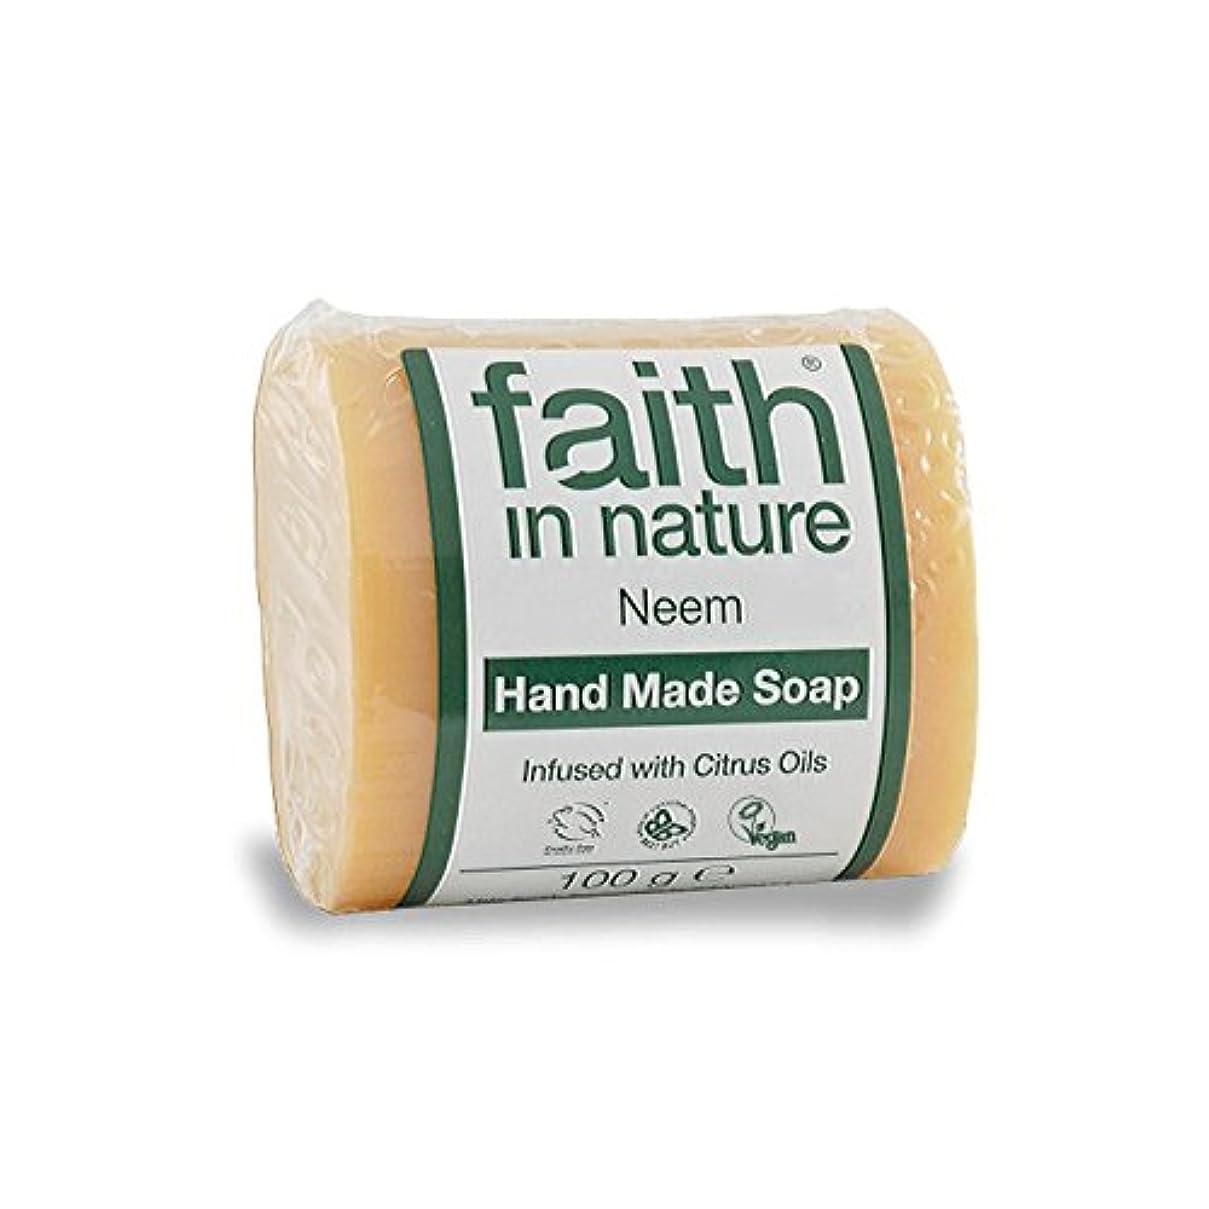 迷路多数のカバレッジ自然ニーム&プロポリス石鹸100グラムの信仰 - Faith in Nature Neem & Propolis Soap 100g (Faith in Nature) [並行輸入品]